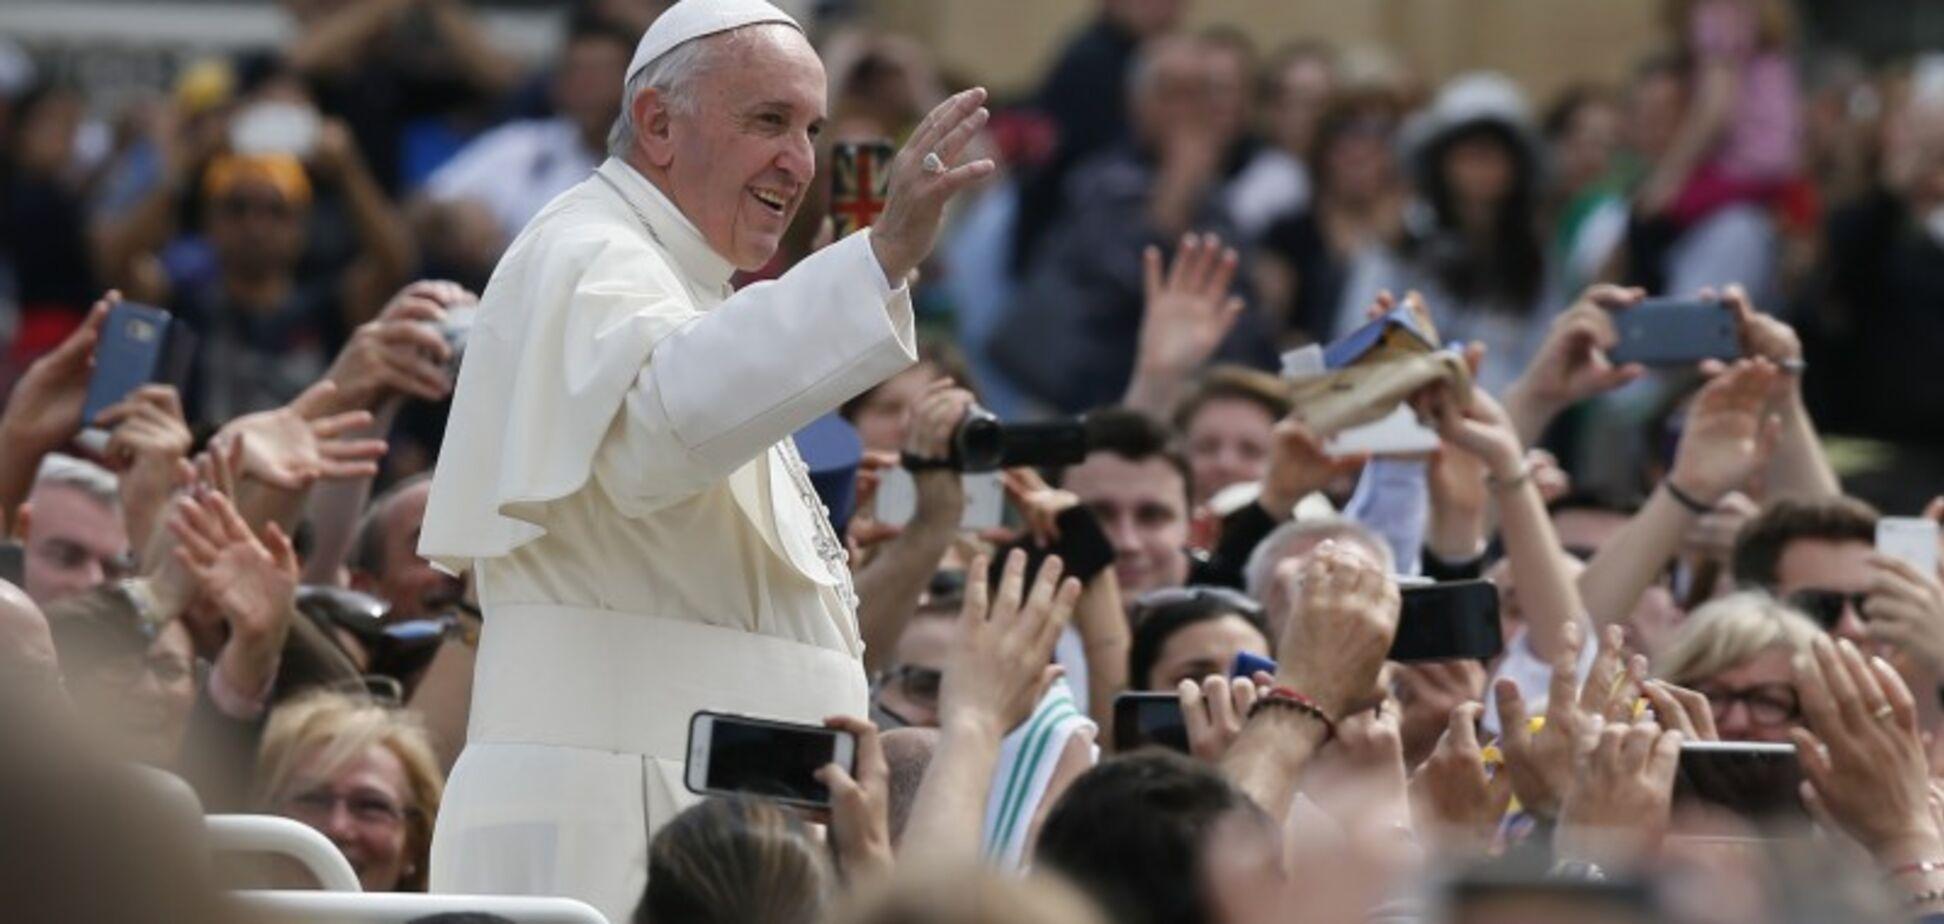 Миллионы для Украины: озвучена невероятная сумма помощи от Папы Франциска